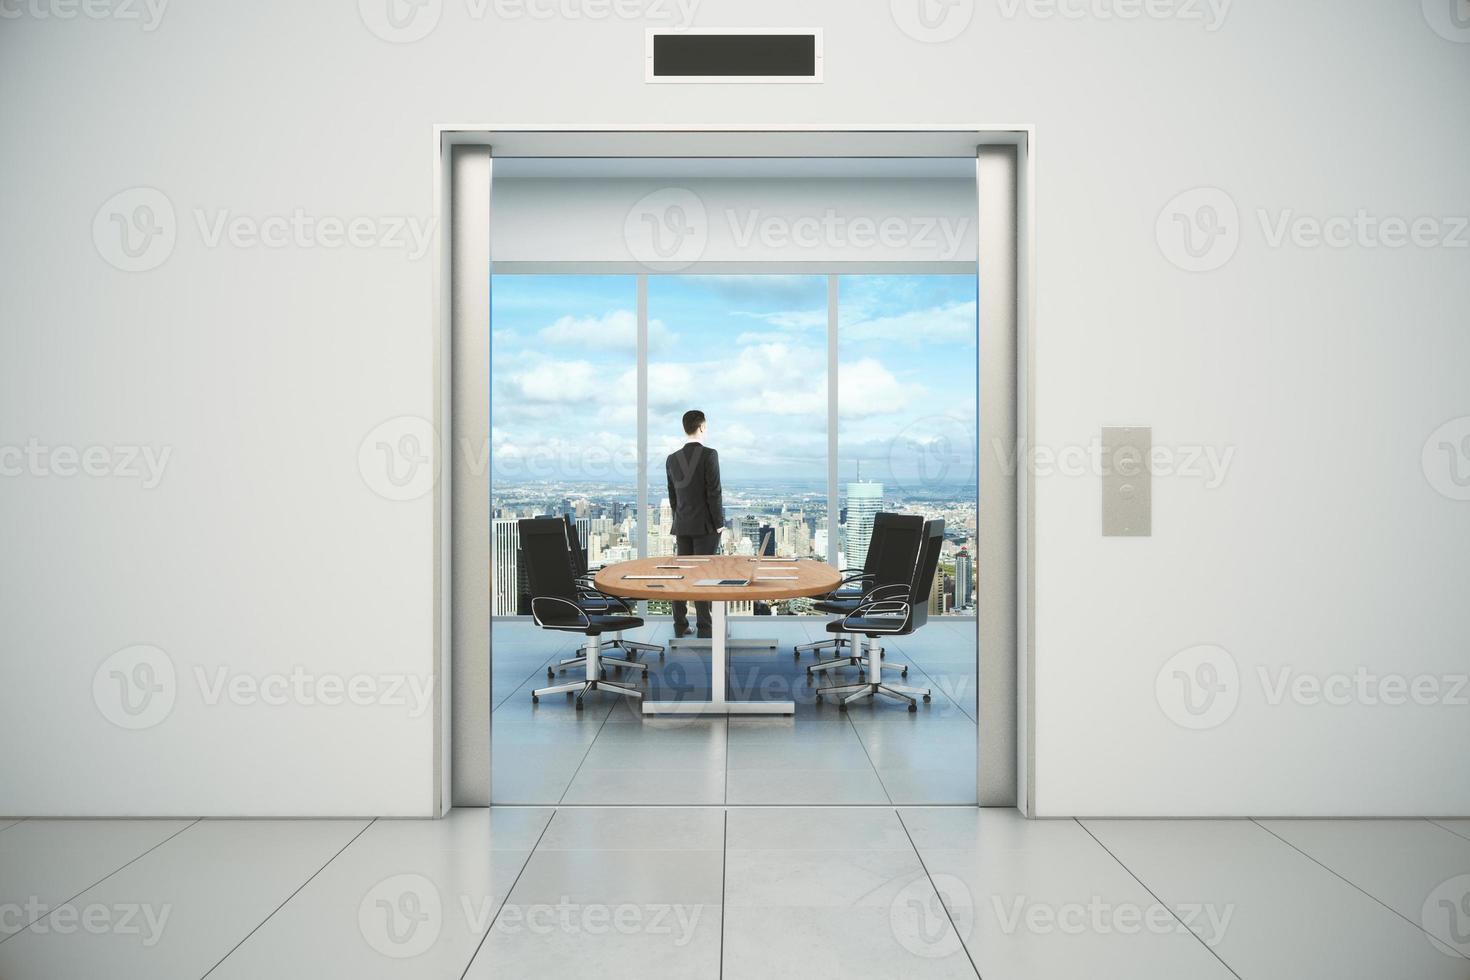 modernt konferensrum med affärsman och stadsutsikt foto